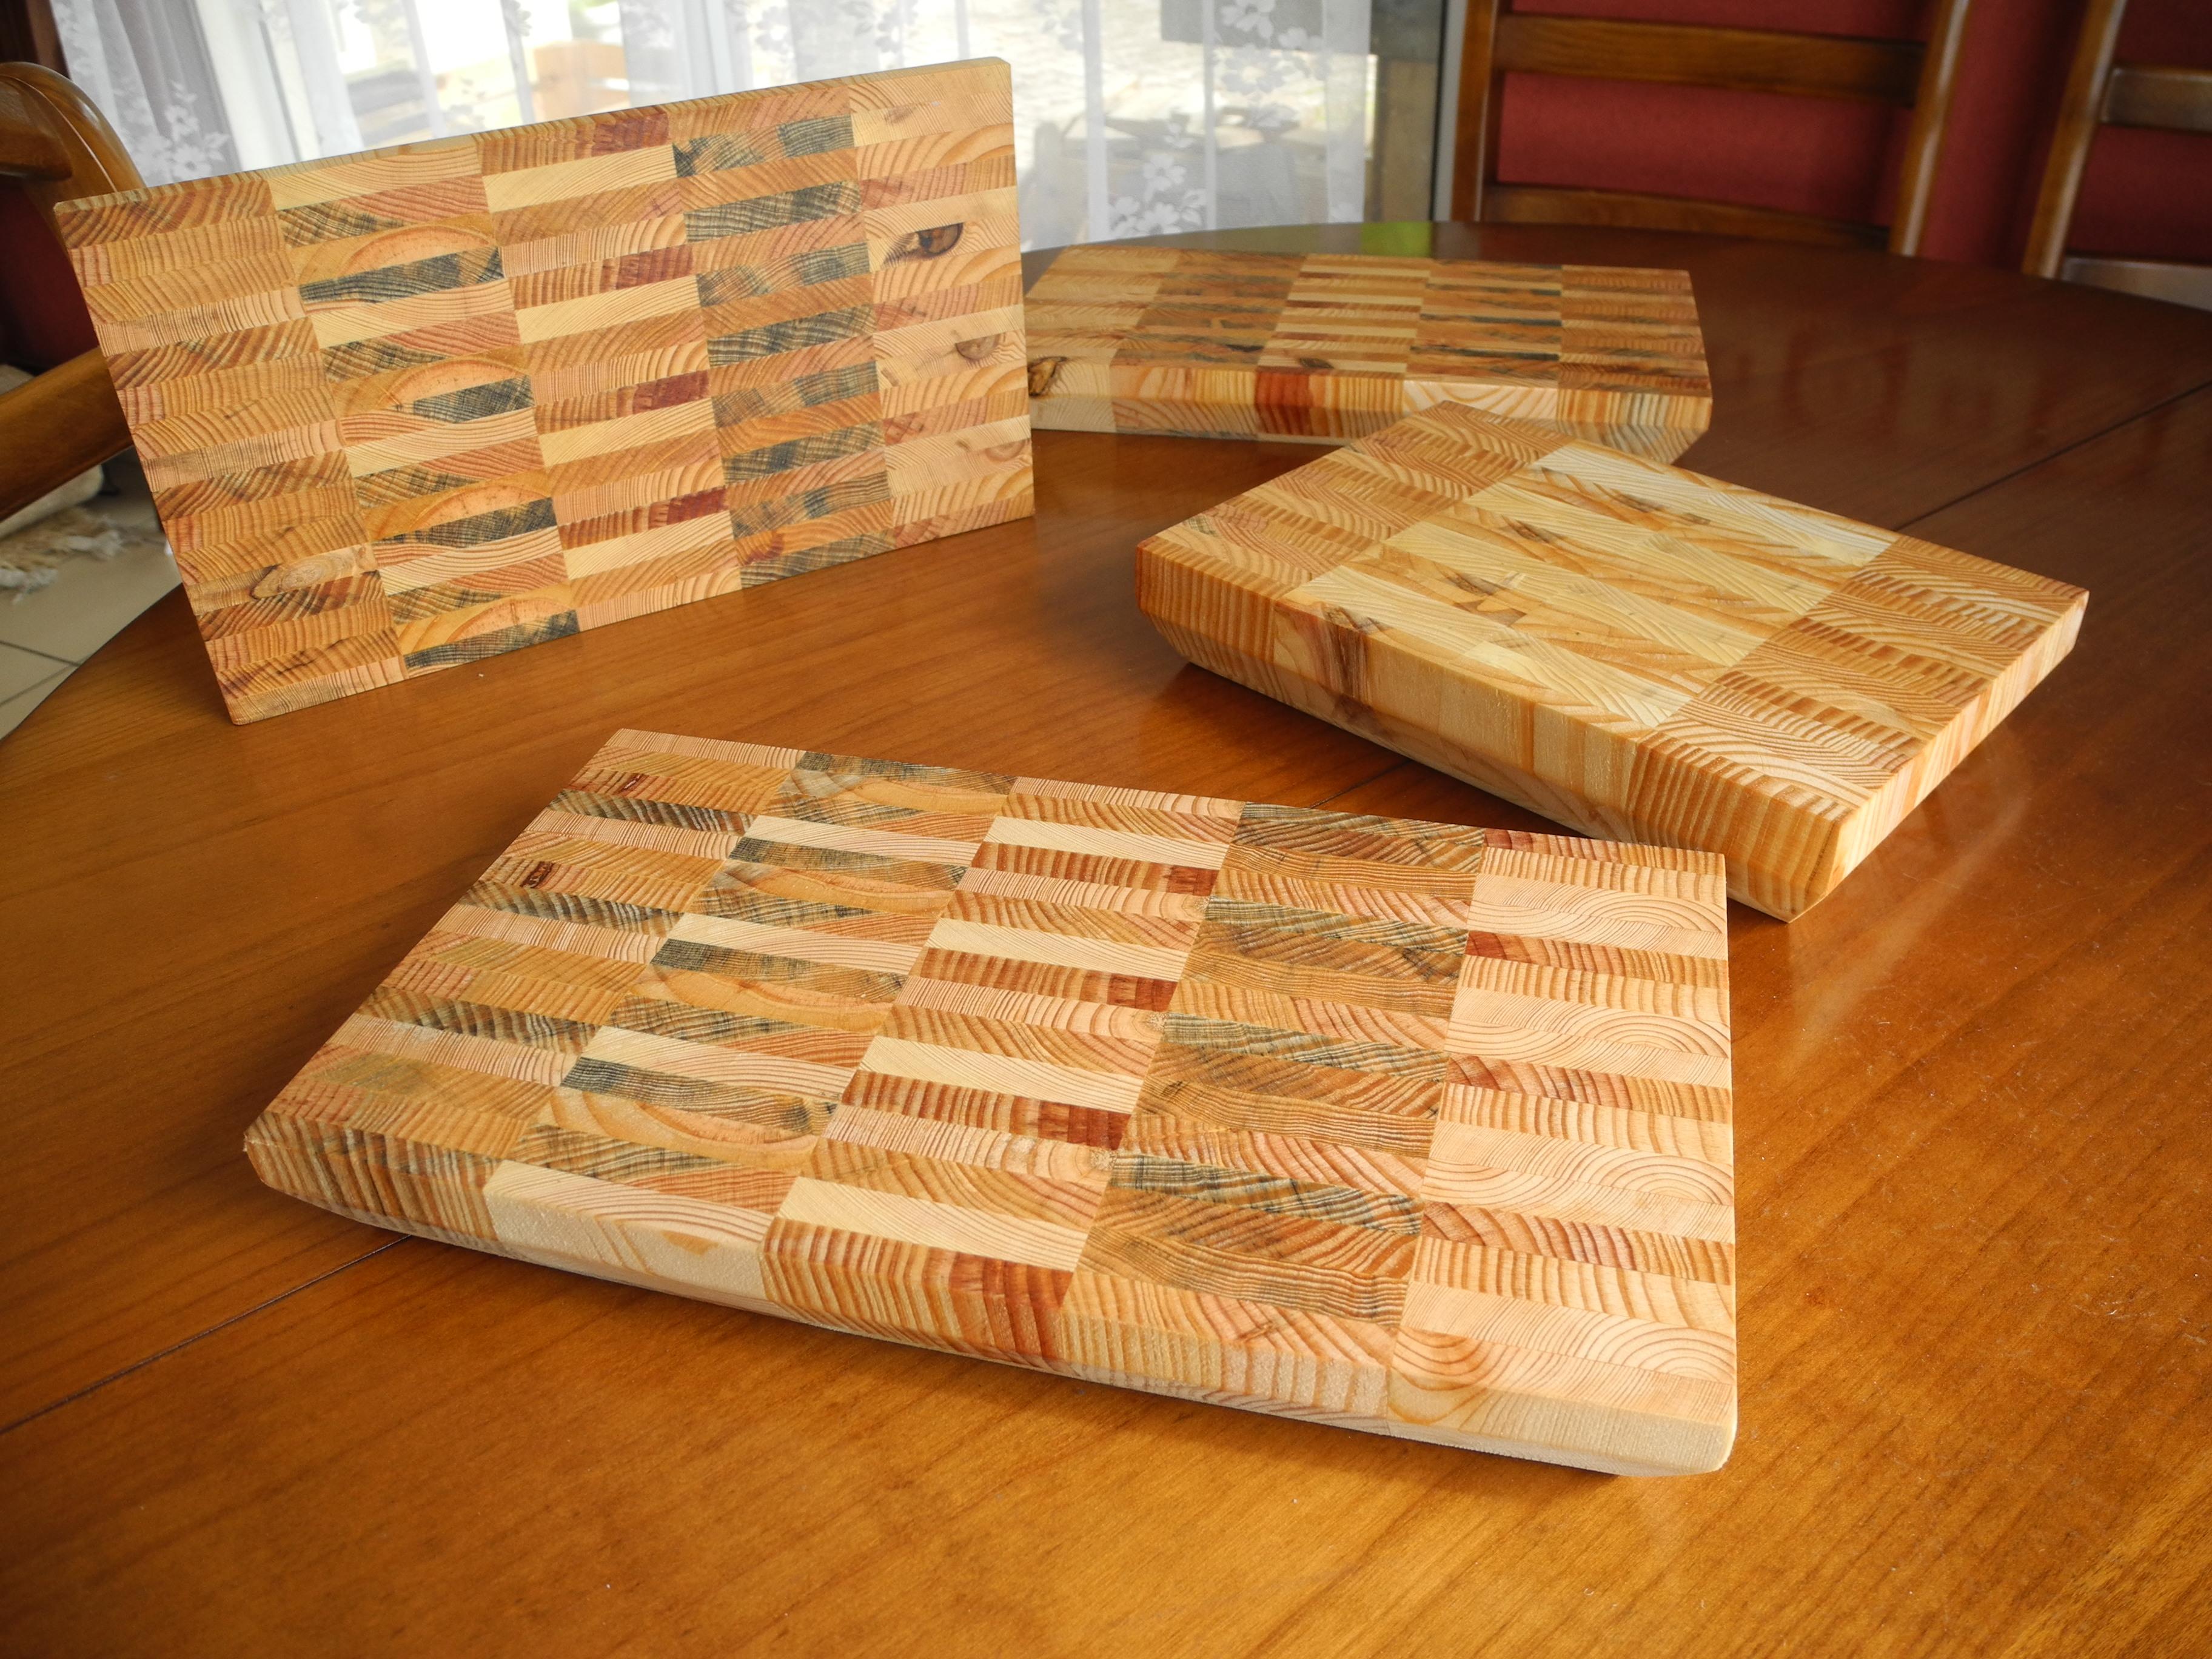 planche a decouper en bois fabrication 28 images planche 224 d 233 couper en bois sans. Black Bedroom Furniture Sets. Home Design Ideas